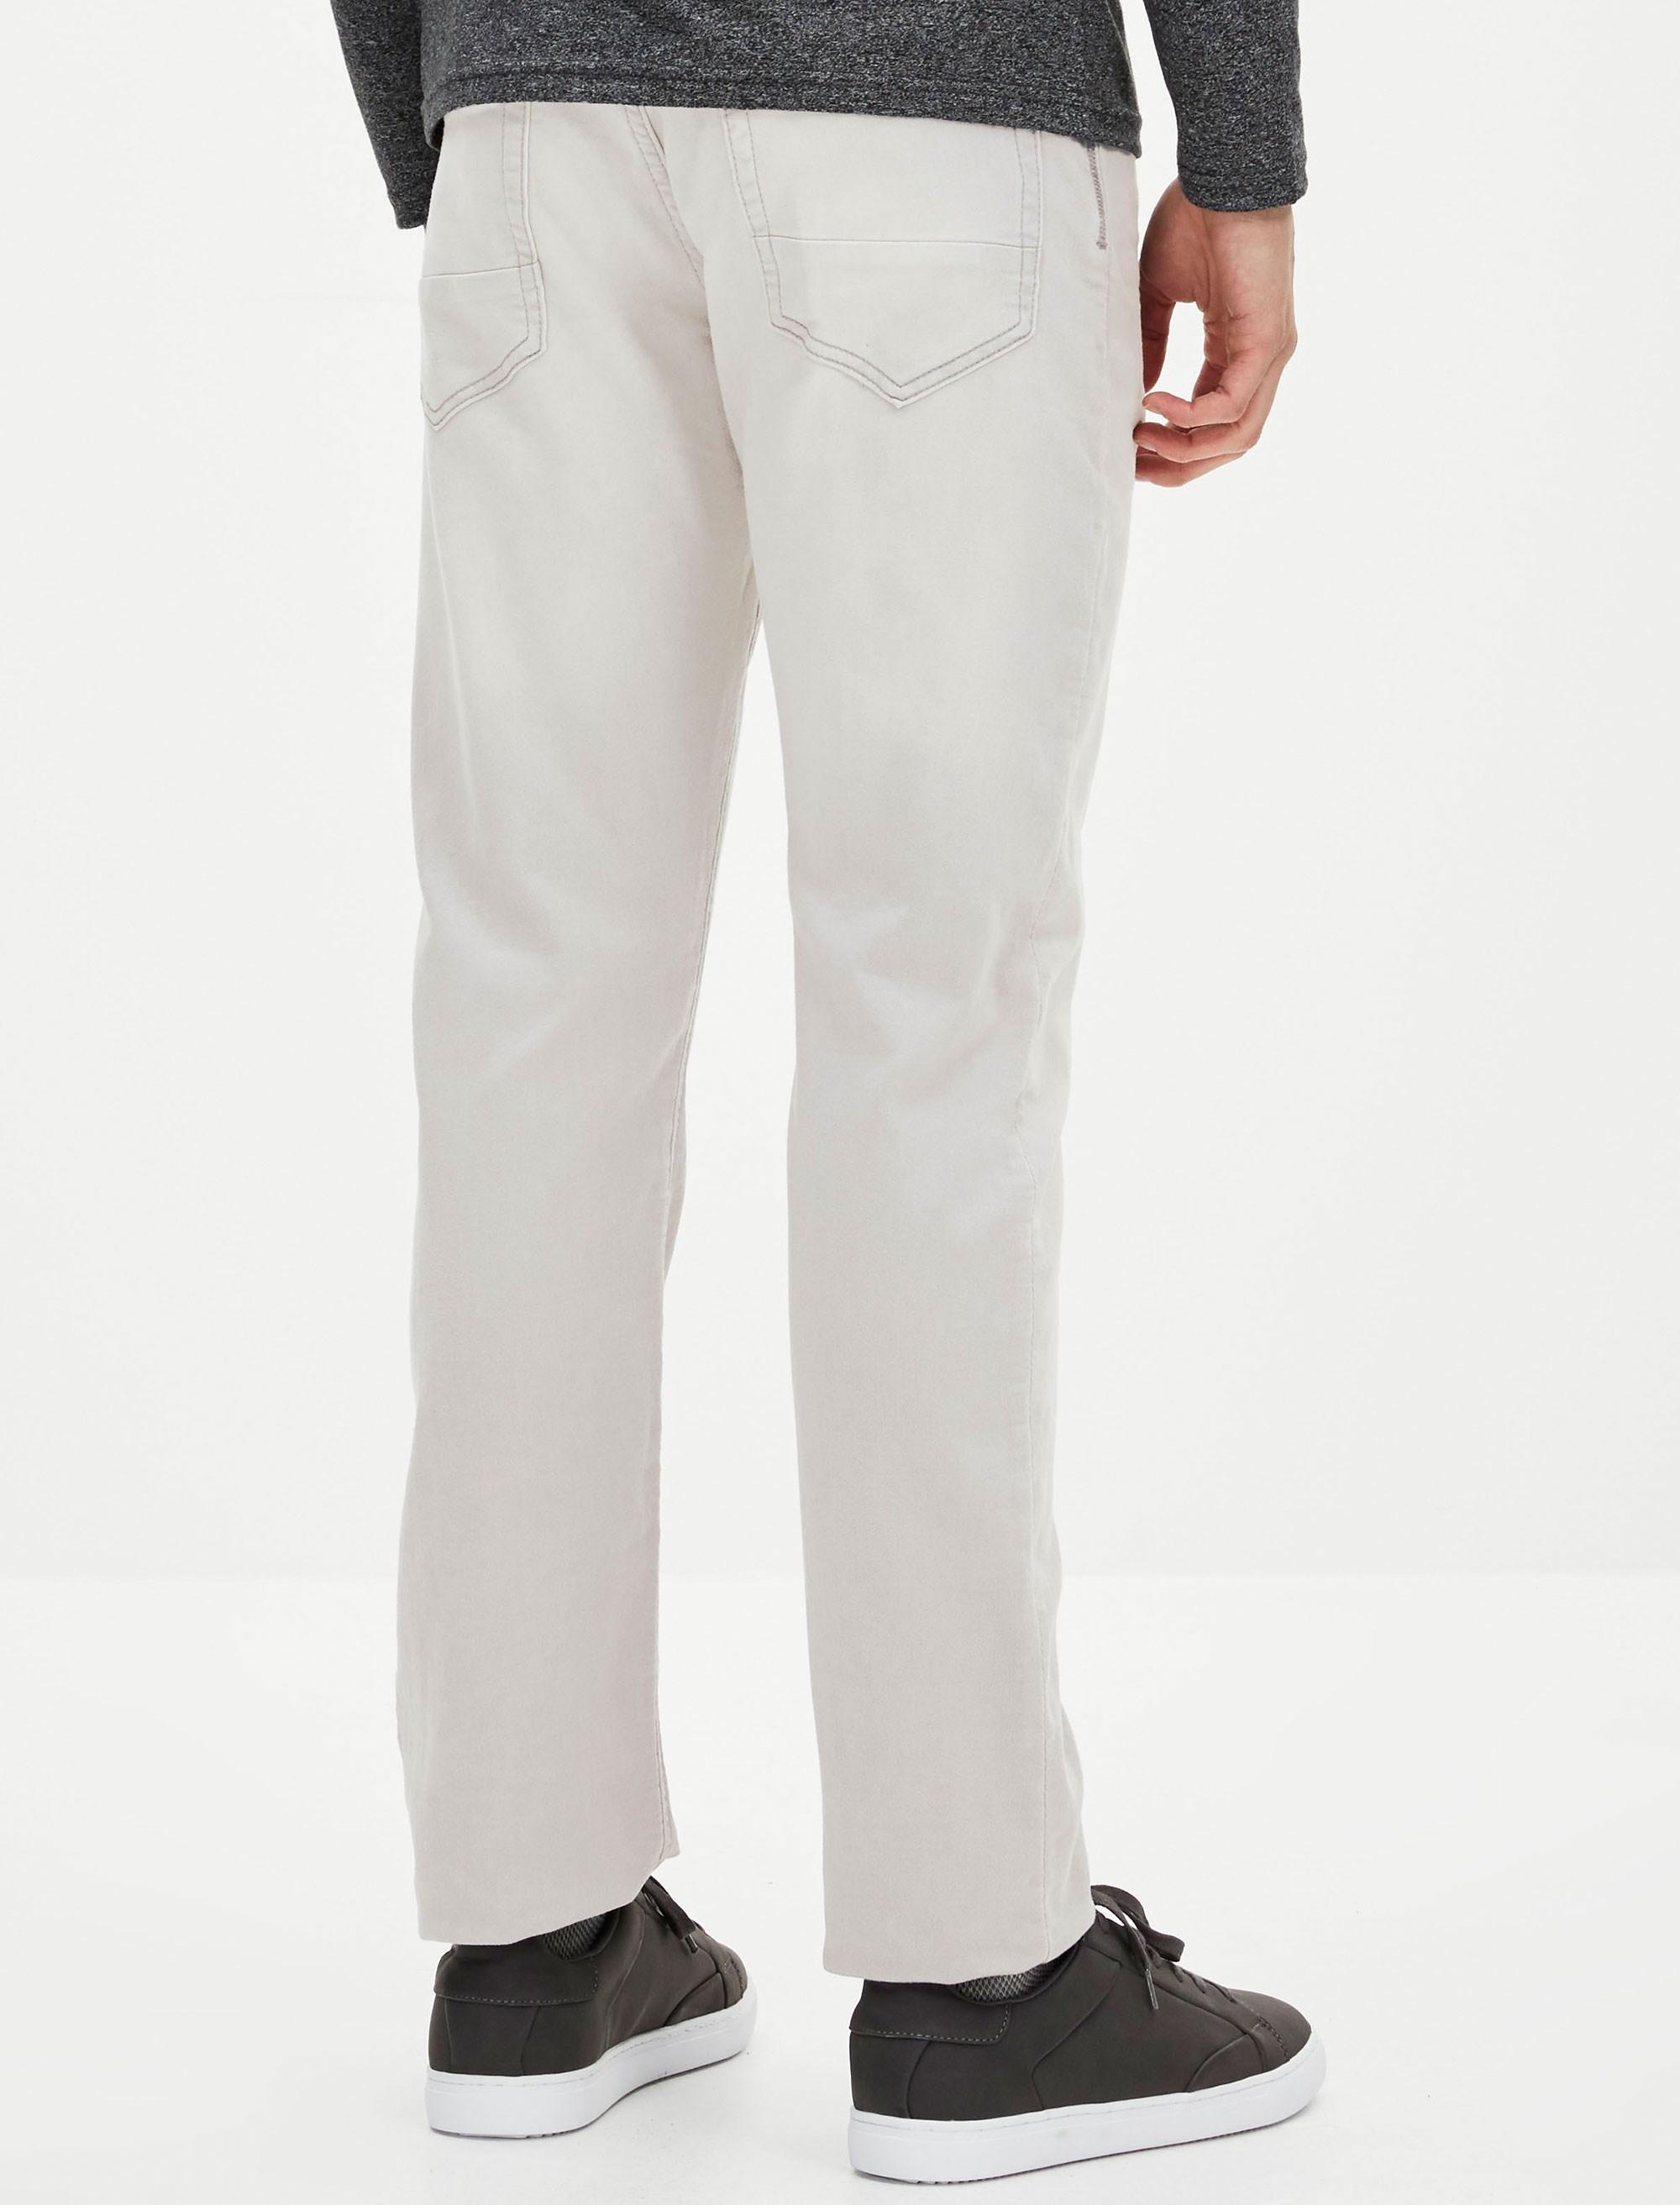 شلوار جین راسته مردانه - طوسي روشن - 5